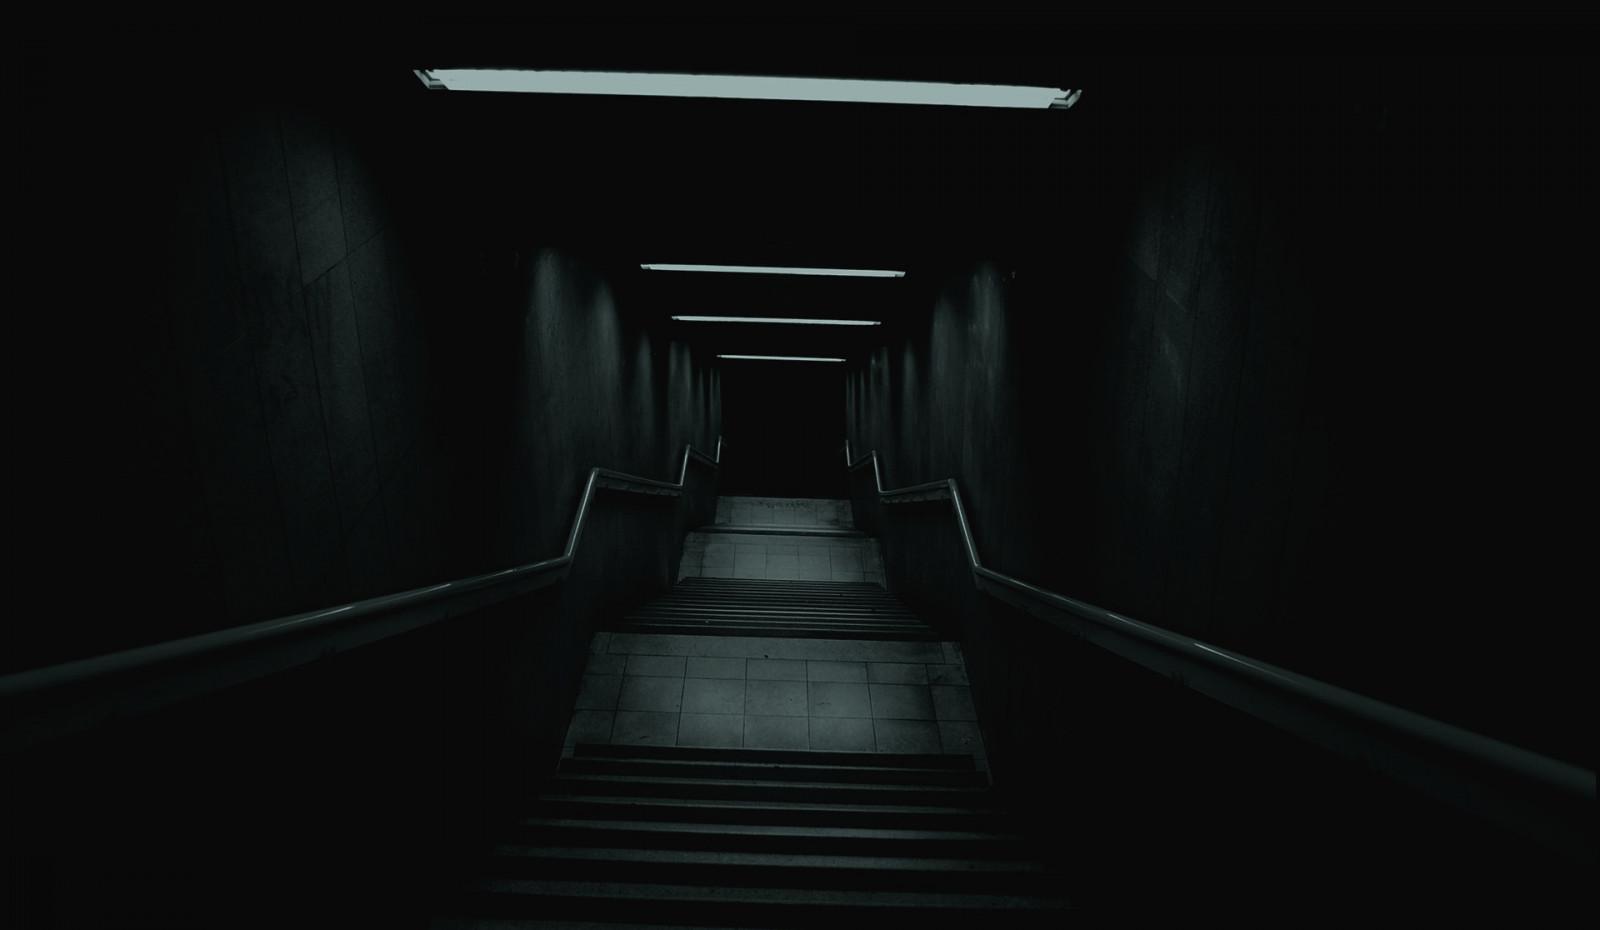 デスクトップ壁紙 モノクロ 対称 ボケ 真夜中 角度 光 闇